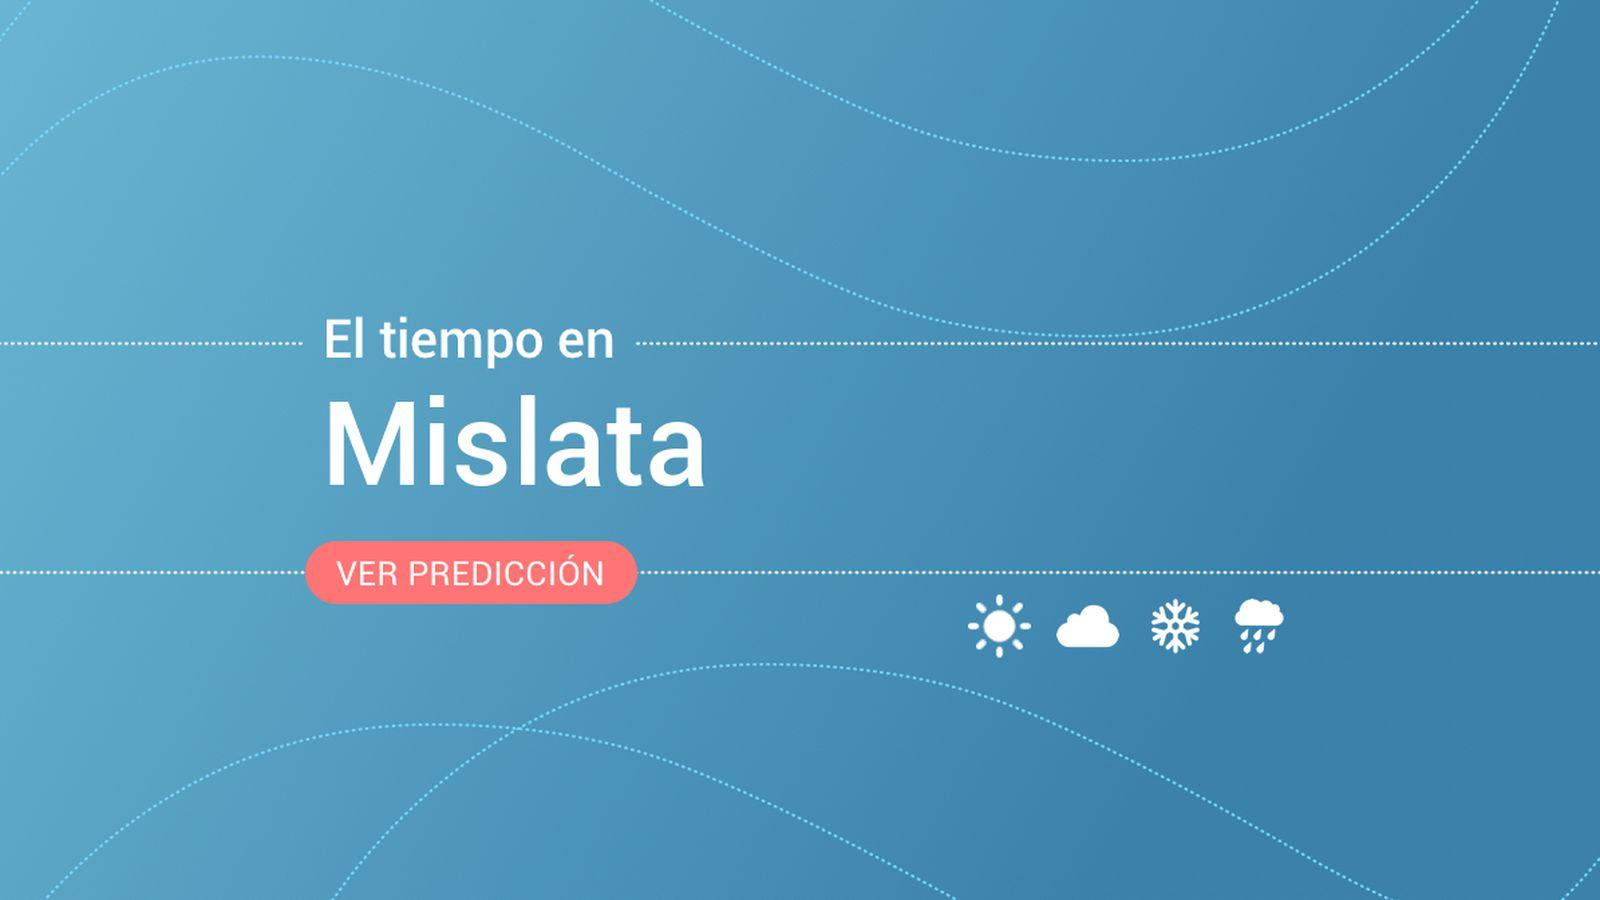 Foto: El tiempo en Mislata. (EC)